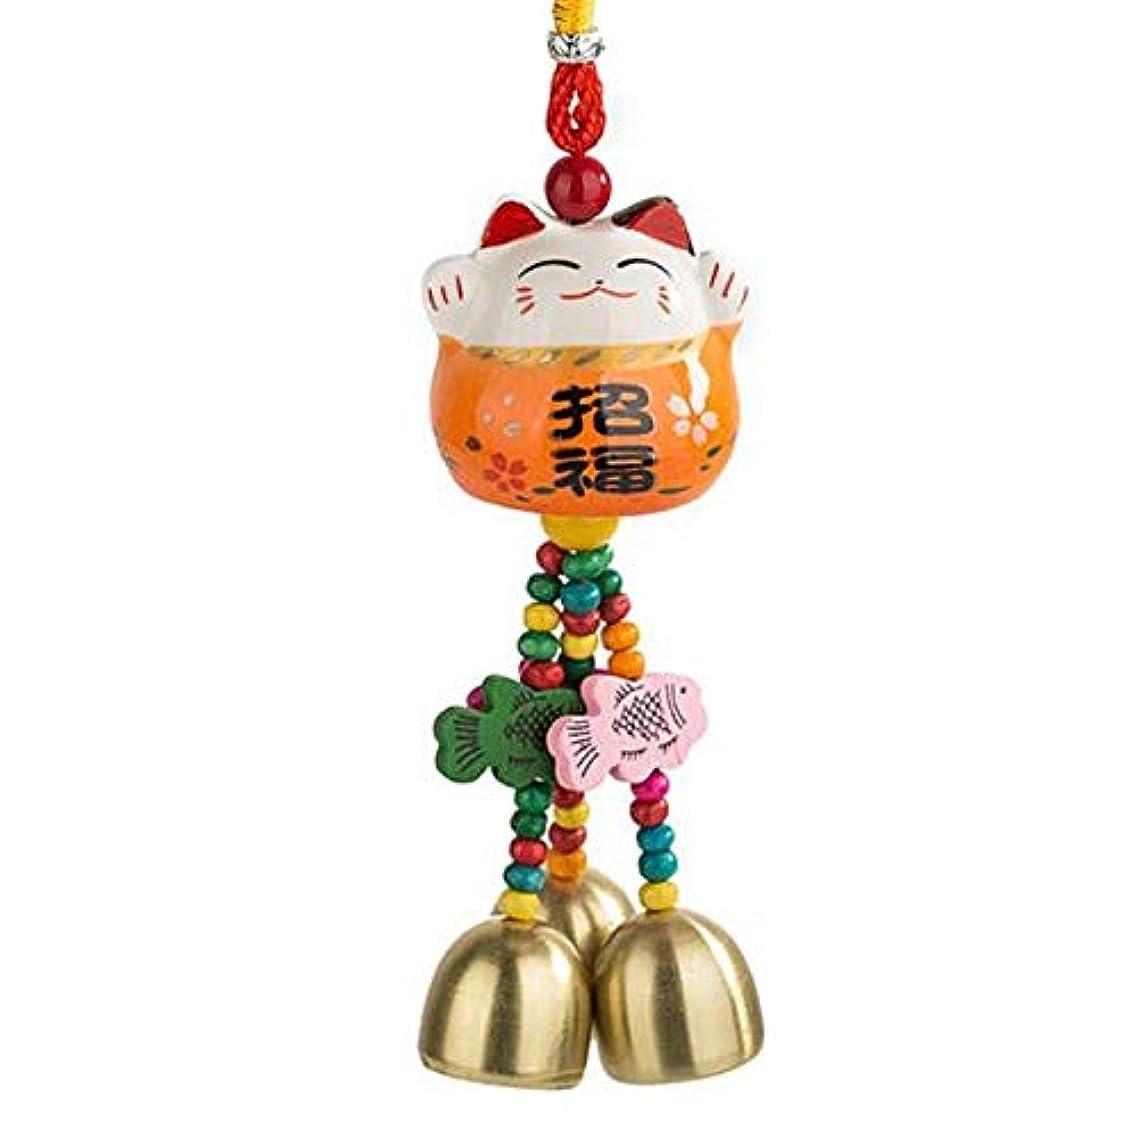 エイズ混合した荒野Fengshangshanghang 風チャイム、かわいいクリエイティブセラミック猫風の鐘、オレンジ、ロング28センチメートル,家の装飾 (Color : Orange)